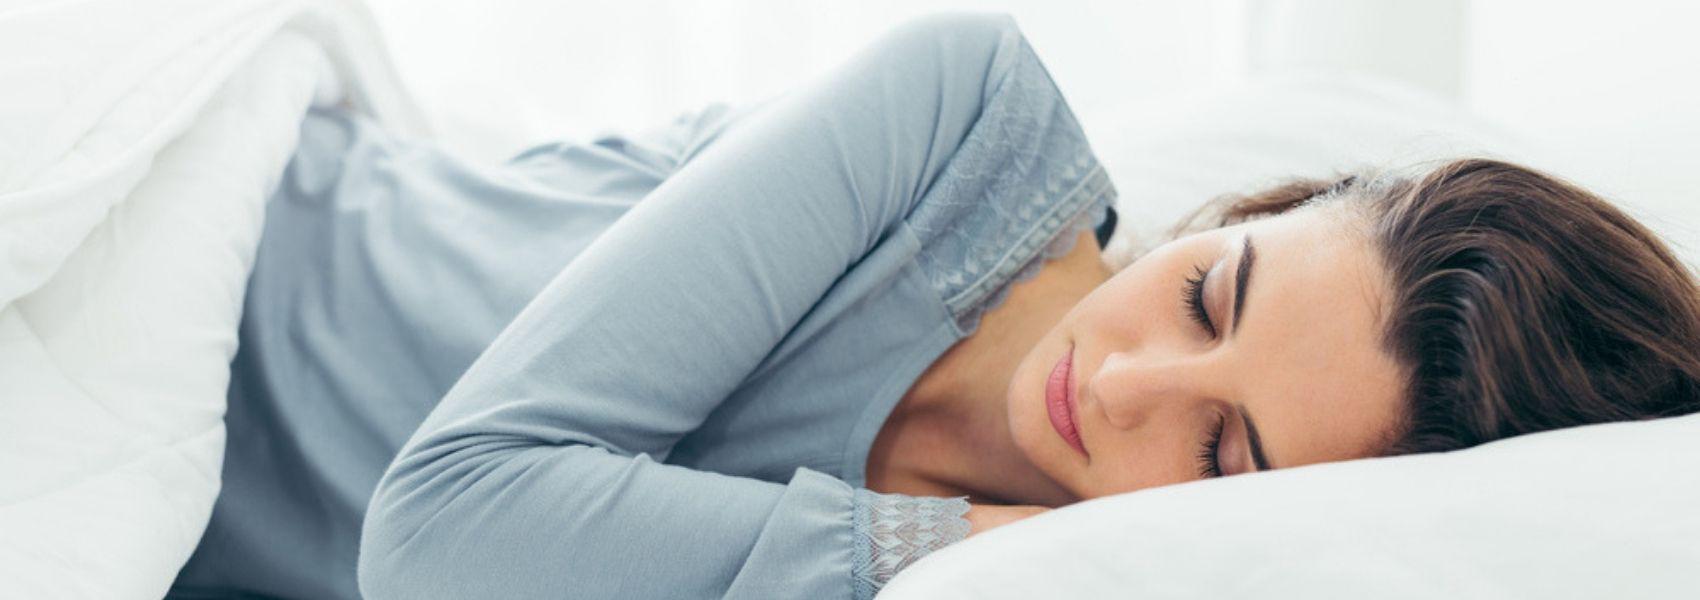 mulheres precisam de mais horas de sono